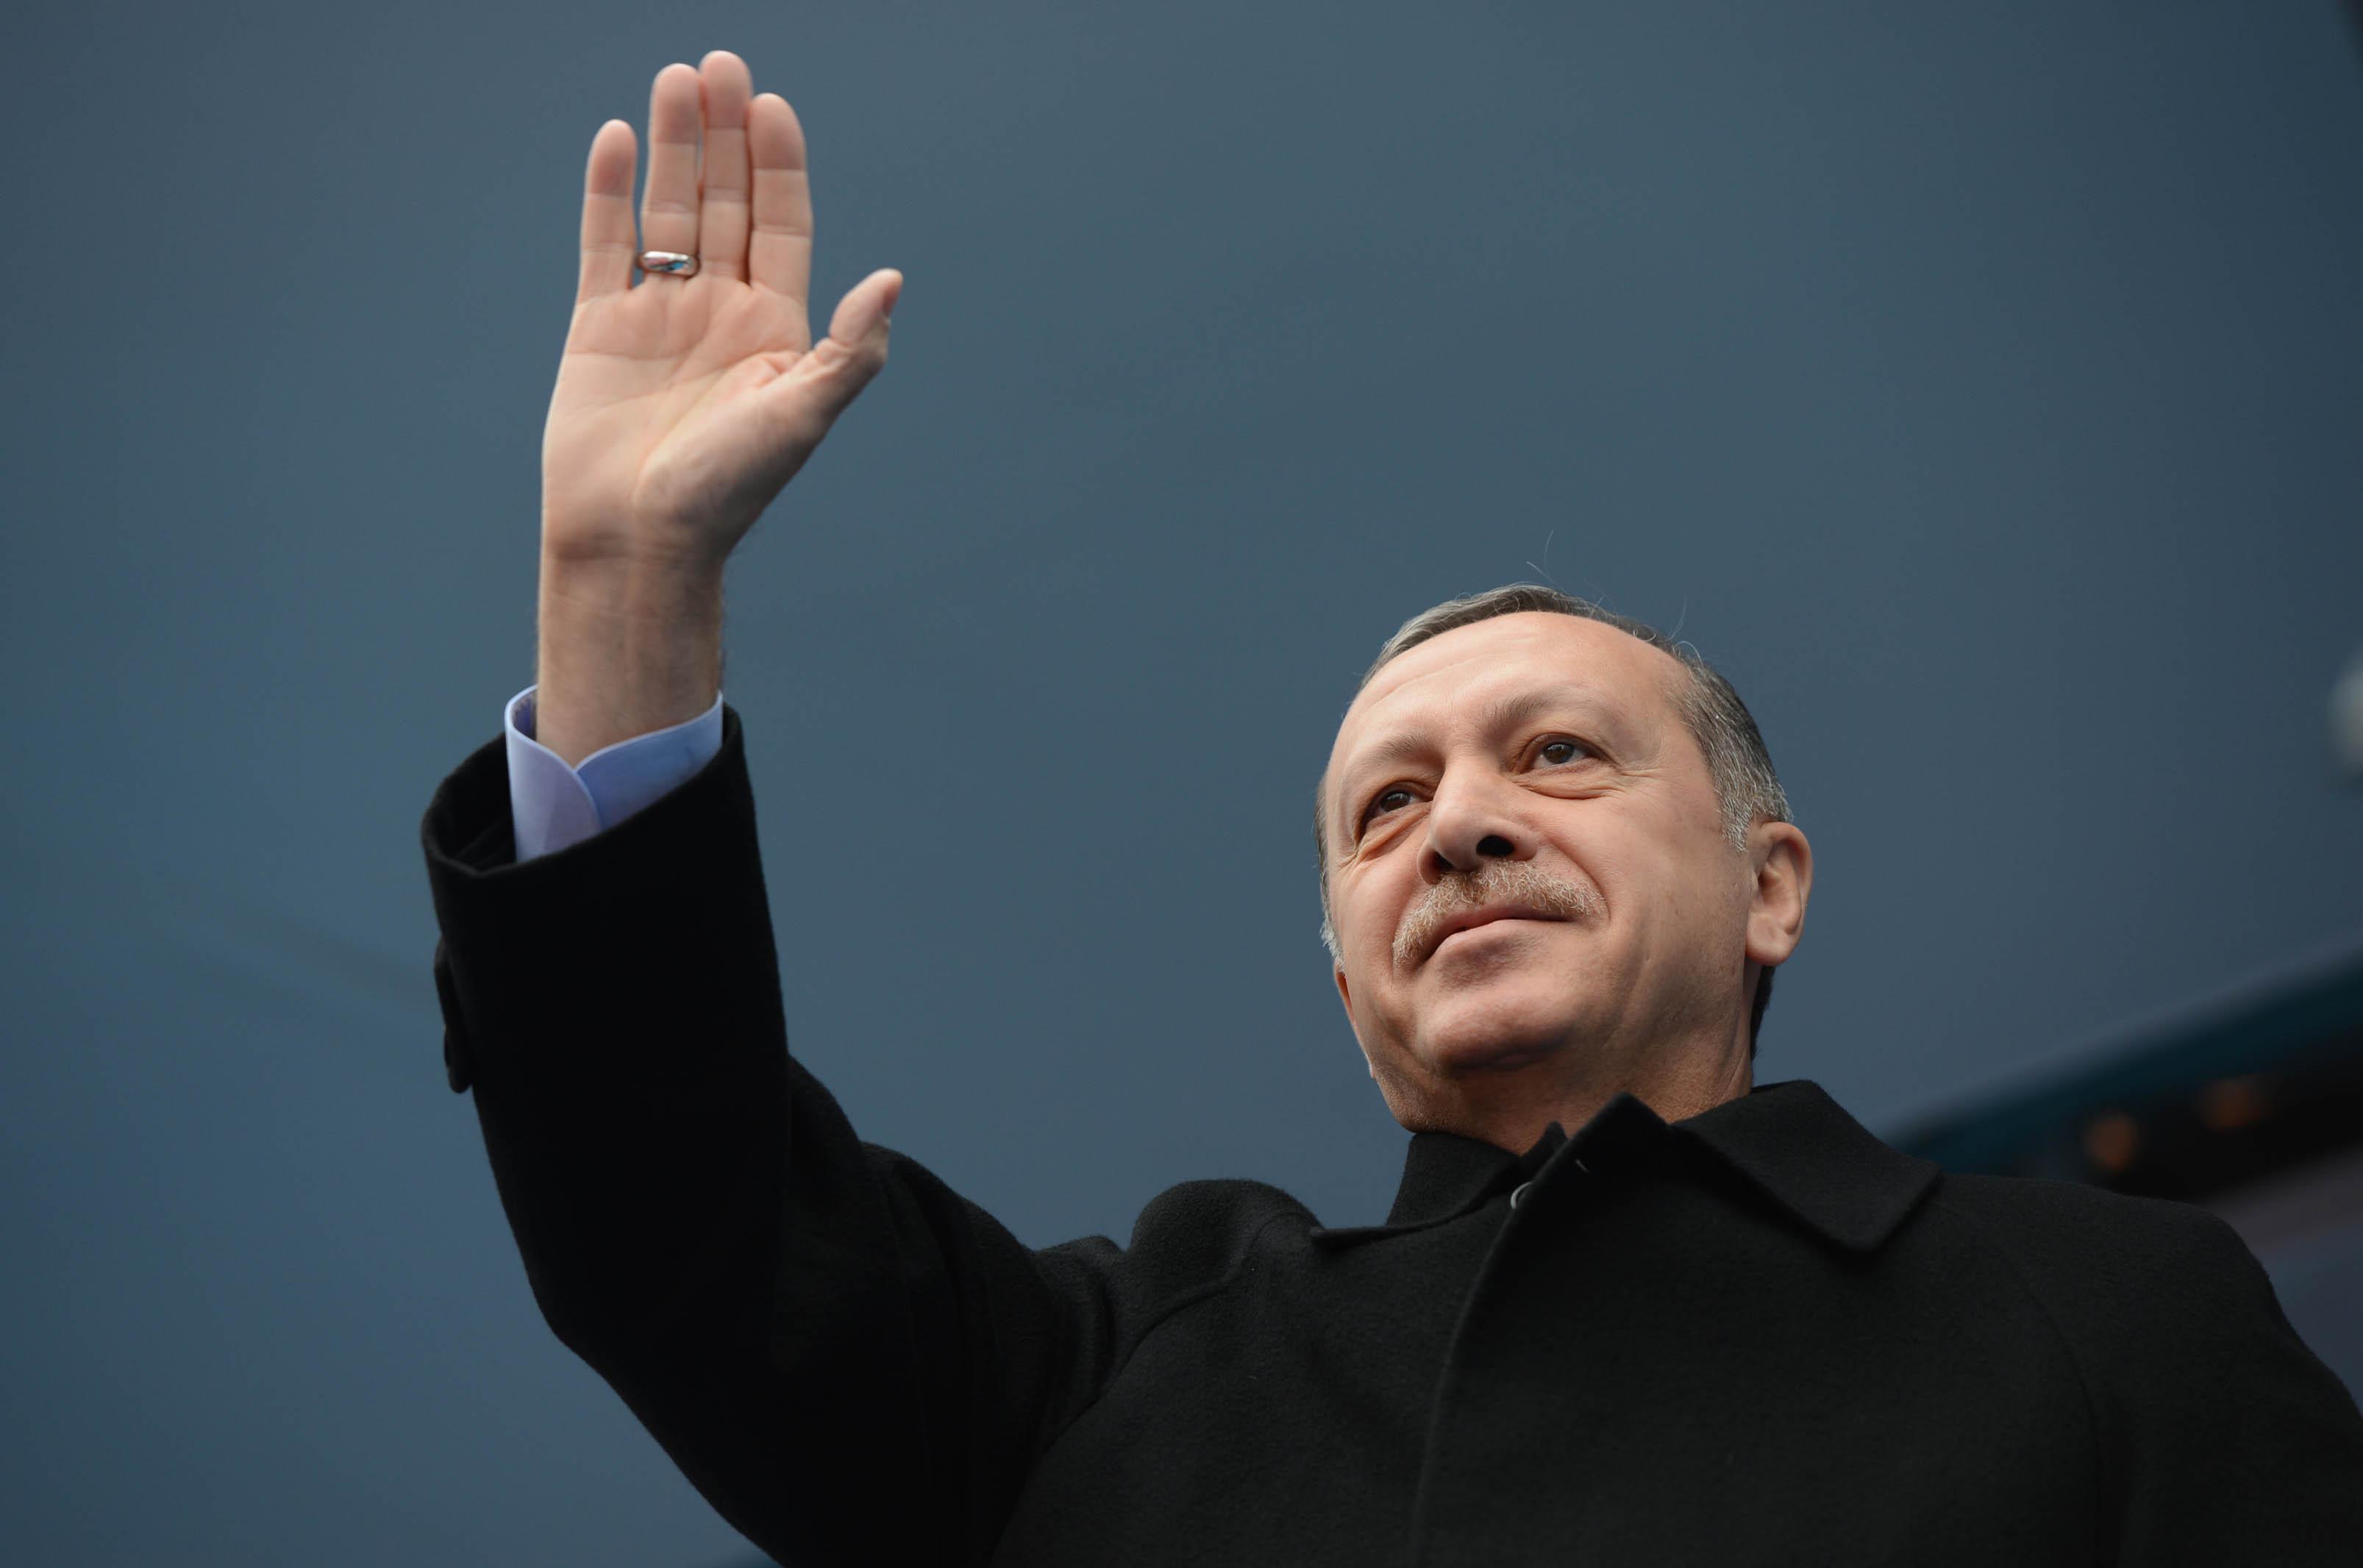 Belediging van een bevriend staatshoofd: achterhaald of actueler dan ooit?